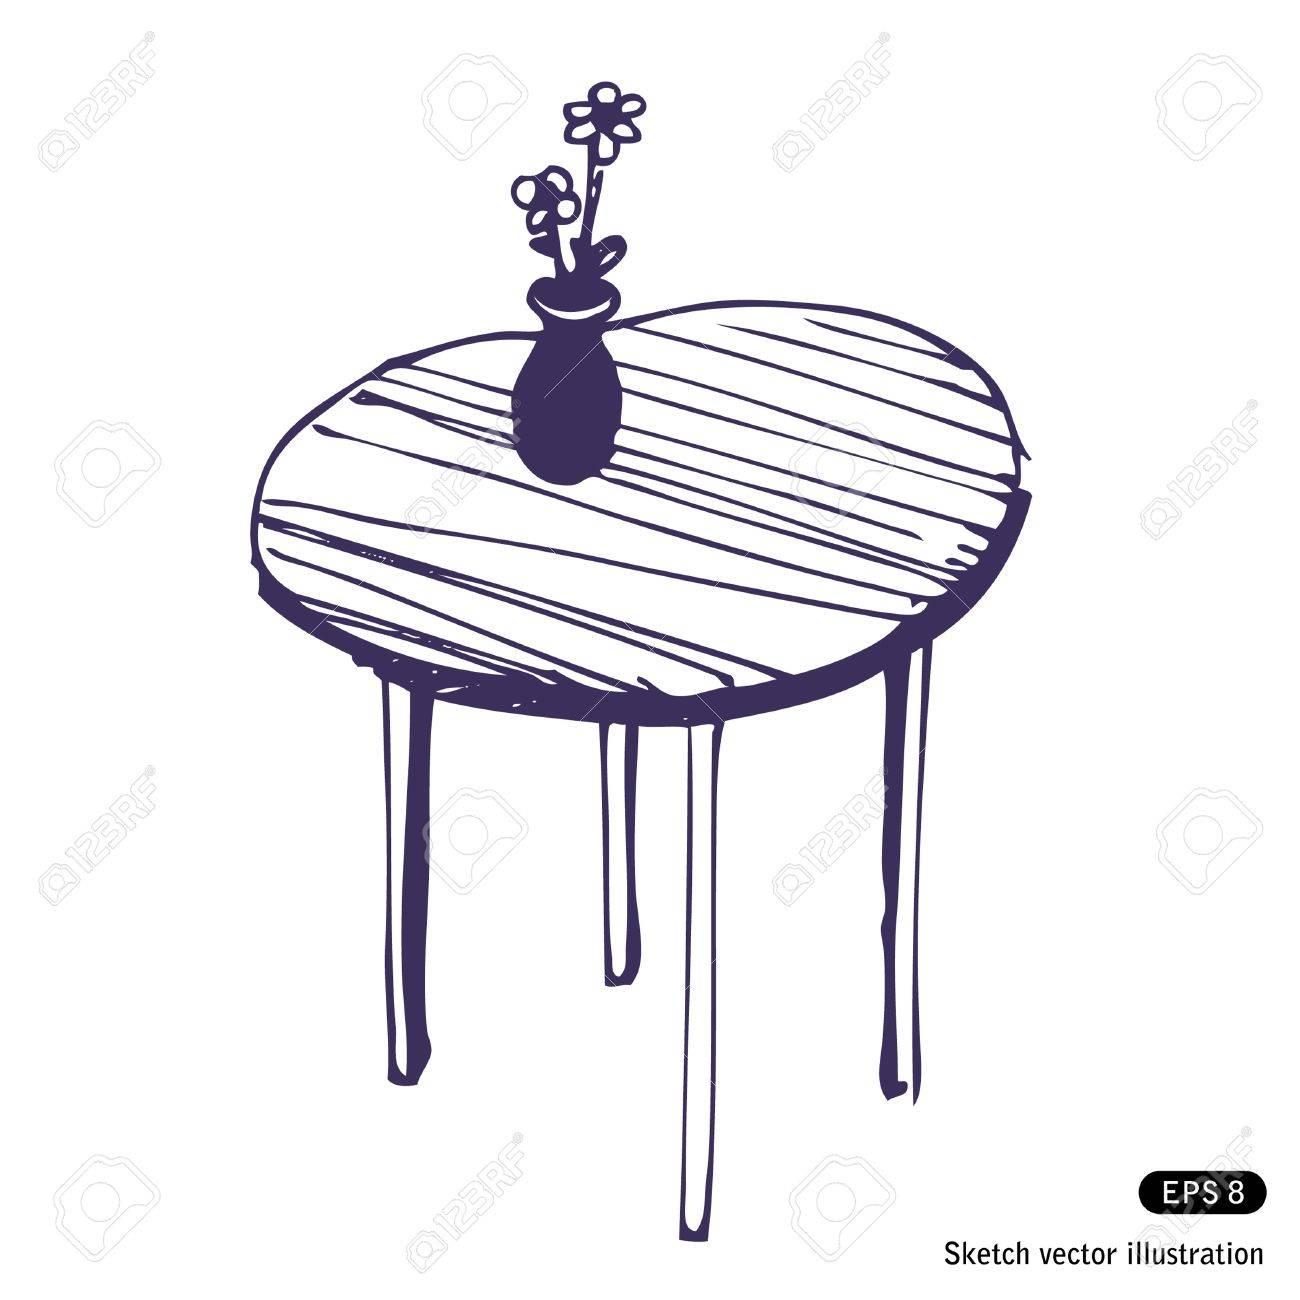 Tisch gezeichnet  Hand Gezeichnet Schönen Tisch Und Vase Mit Blumen Lizenzfrei ...